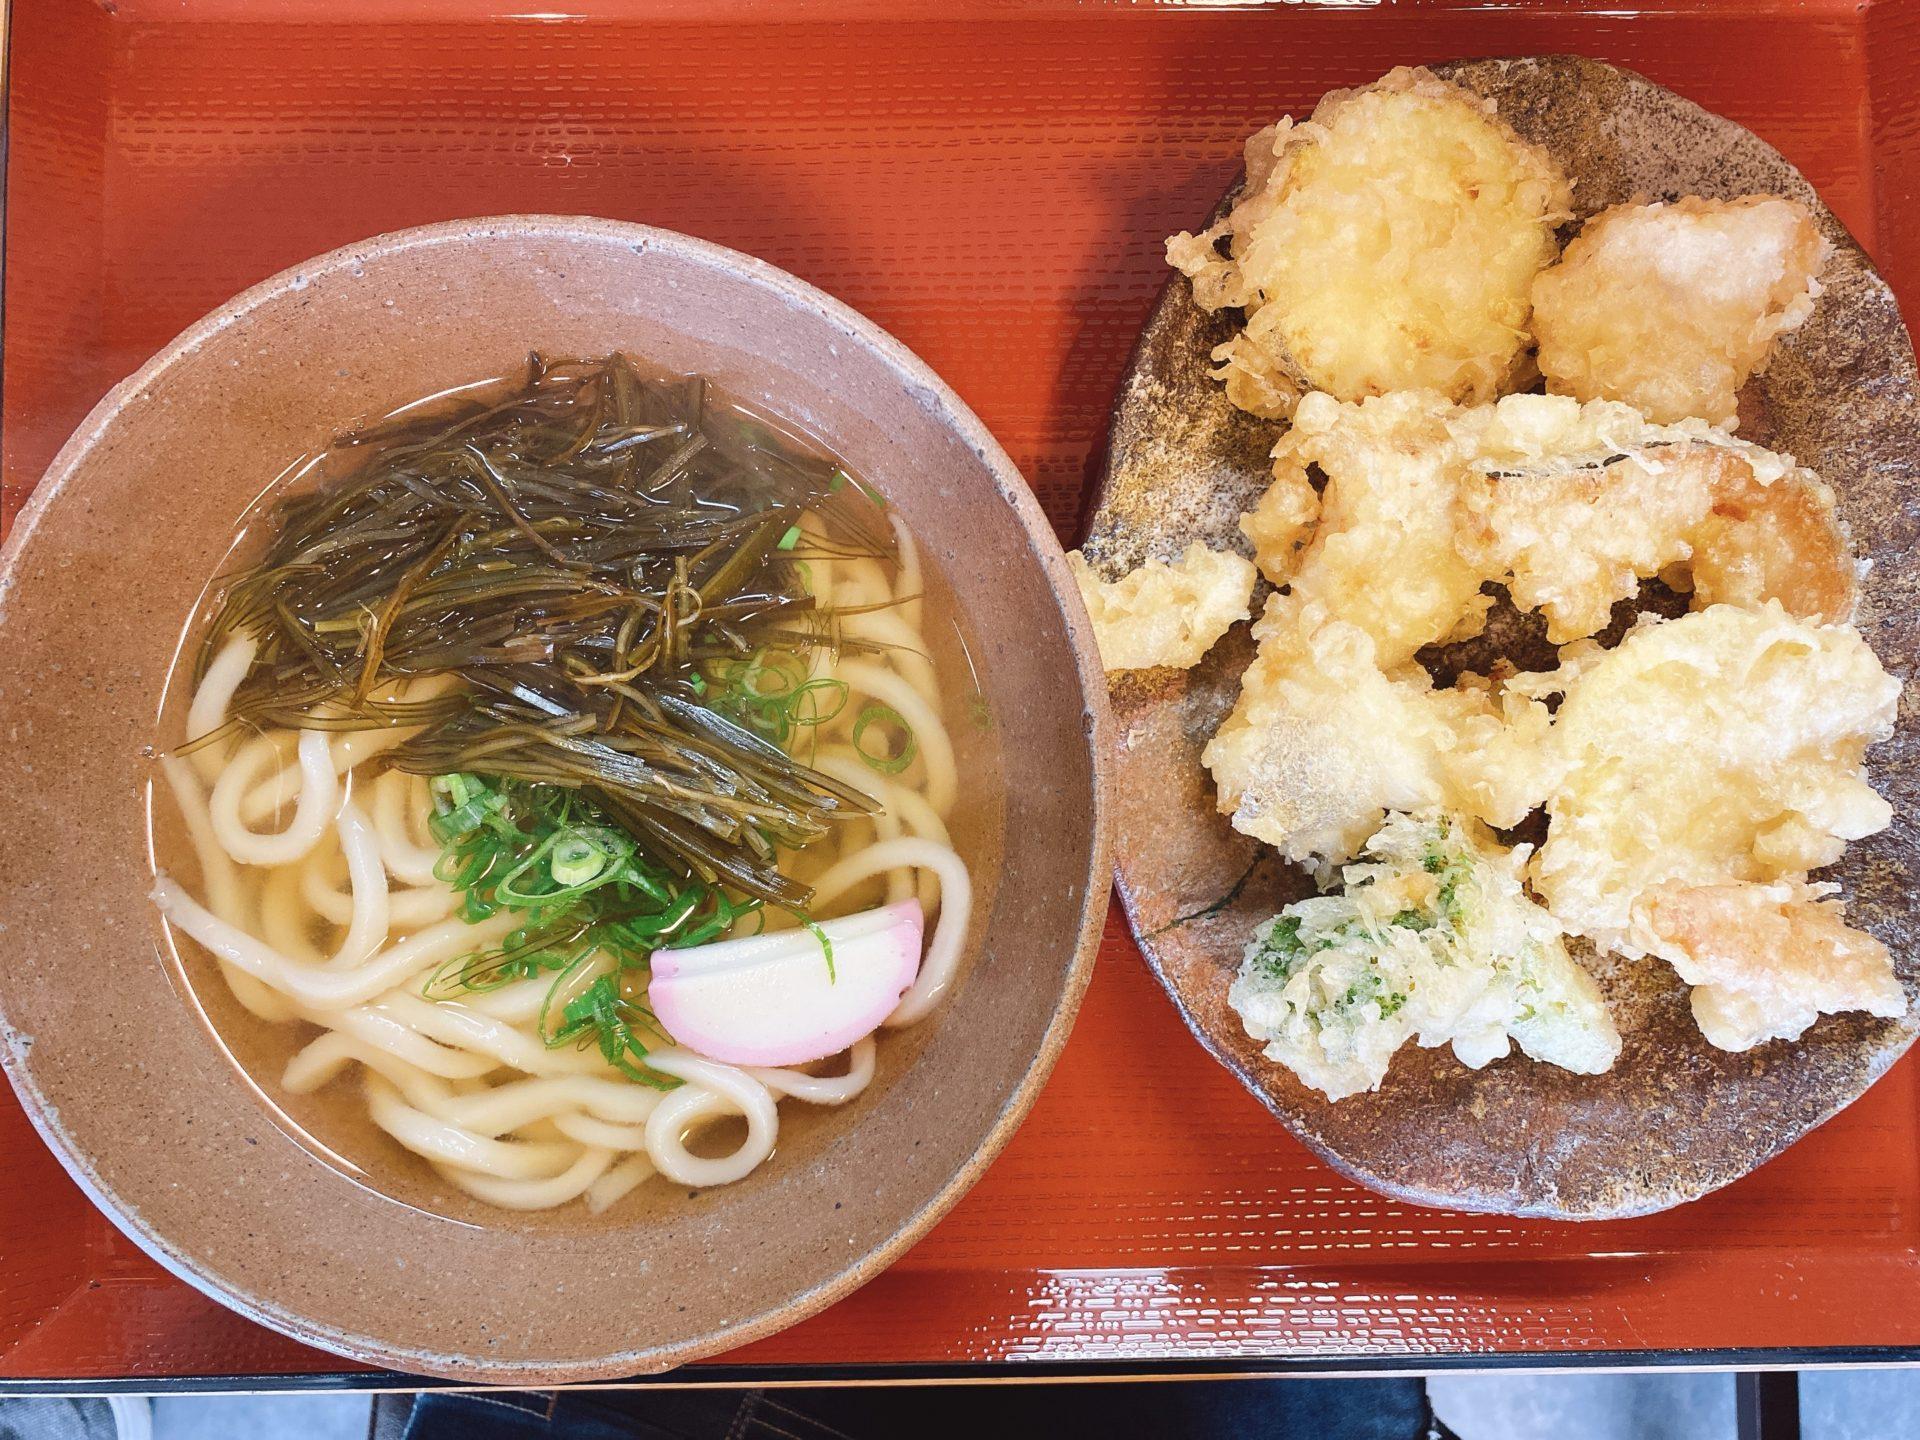 岡山市中区 土日だけ営業の【手打ちうどん みのり】は、麺と出汁の美味しさはもちろん、塩で食べる揚げたての野菜の天婦羅も最高!